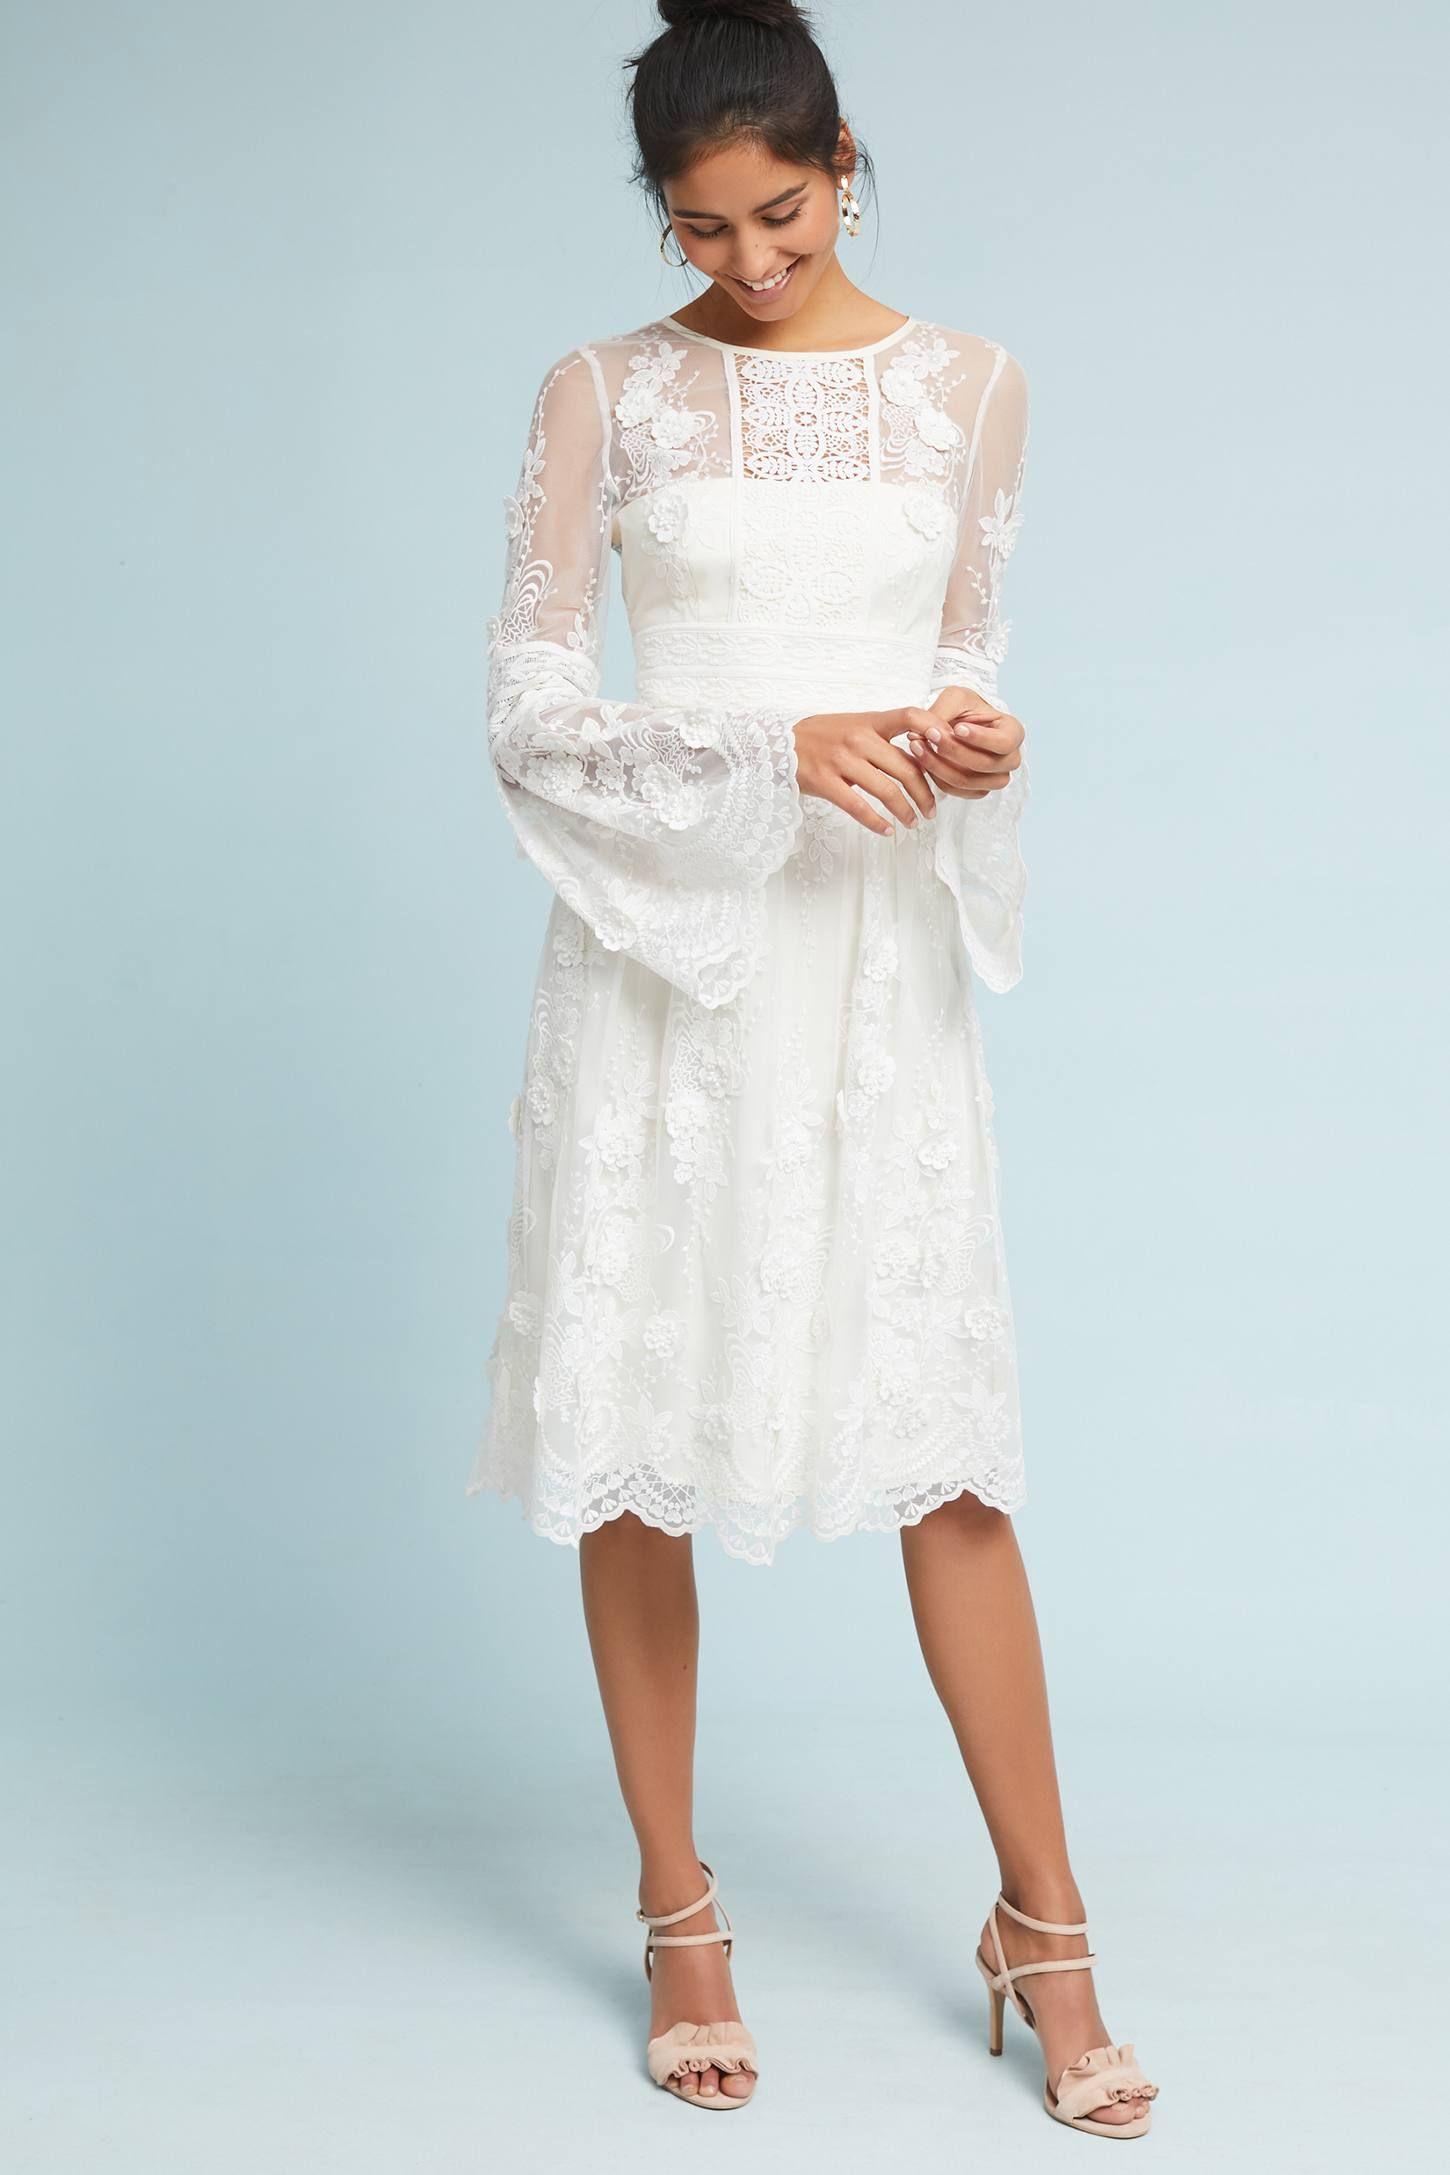 ML Monique Lhuillier Mixed Lace Dress | Monique lhuillier ...